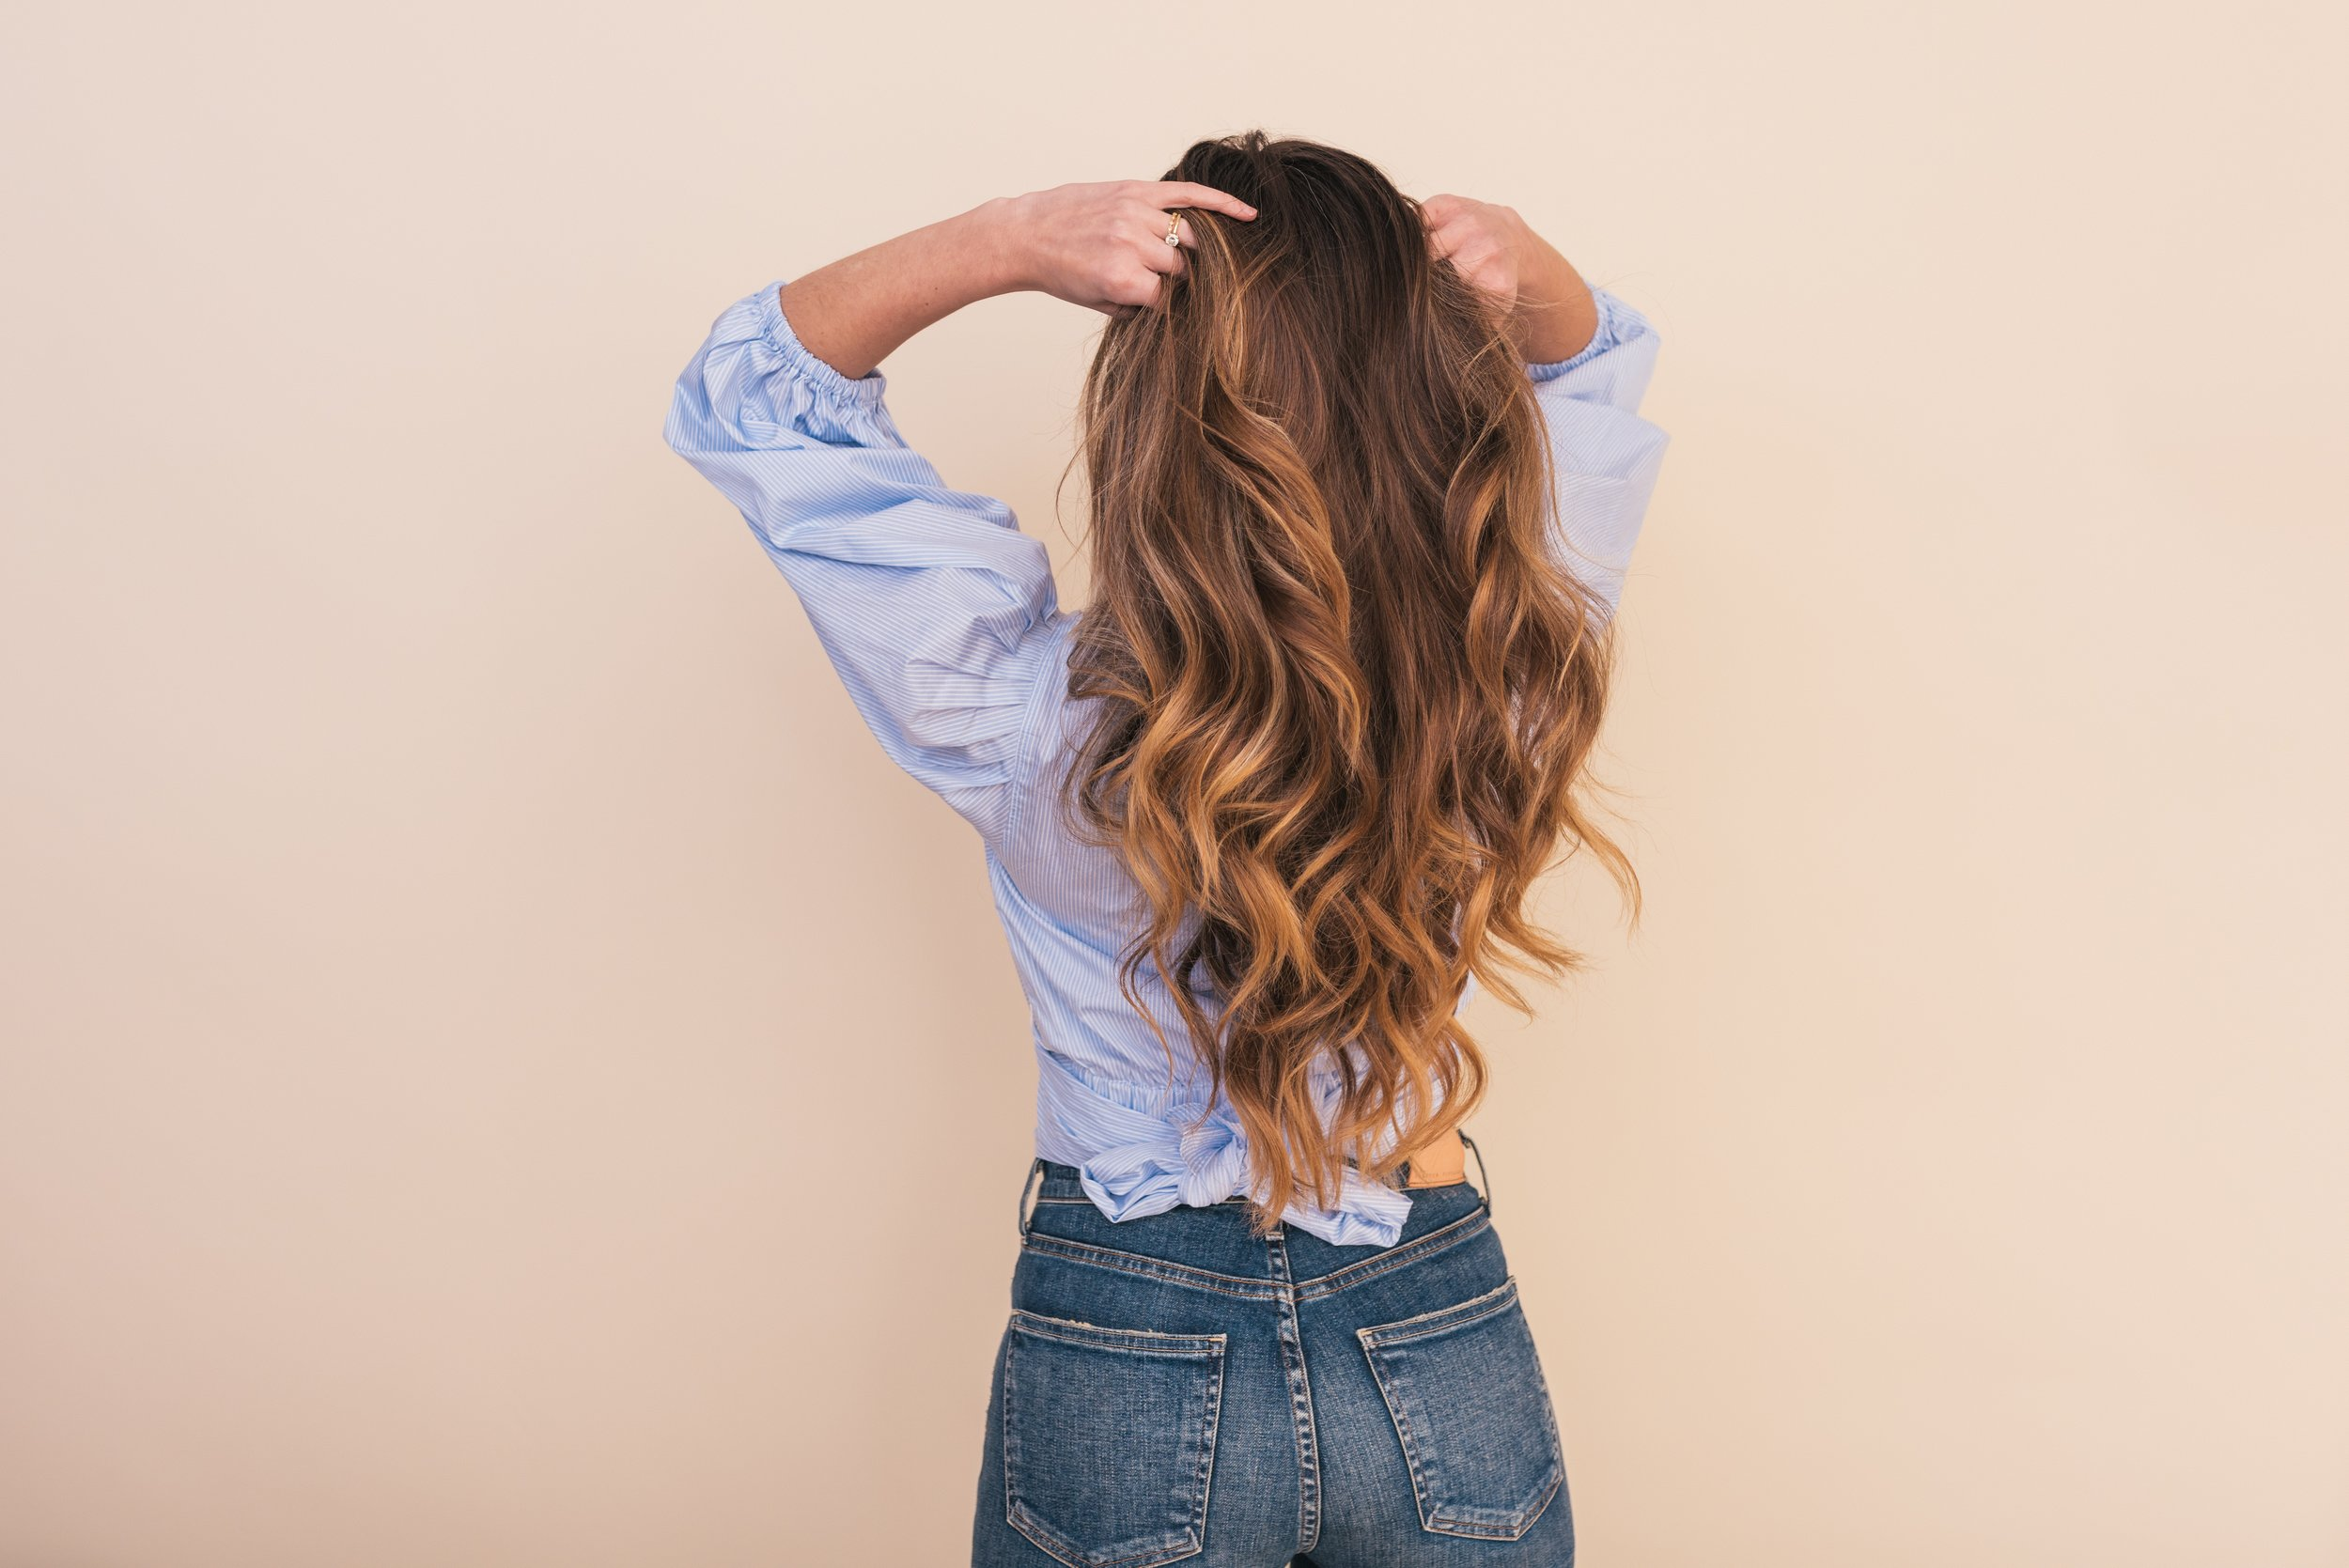 hair-colorist-Maple-Grove-salon-stylists.jpg